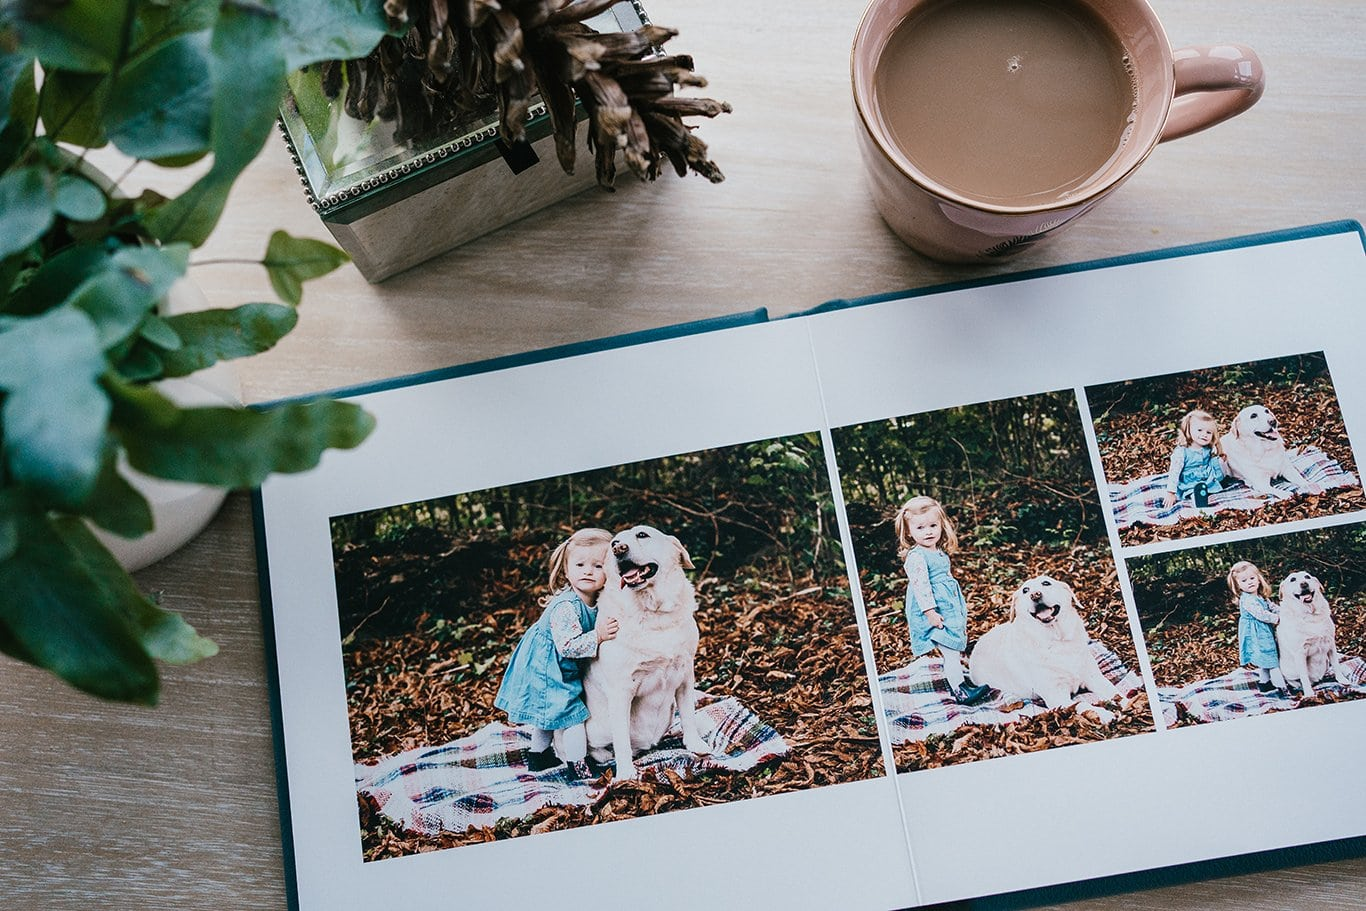 Album full of family photos